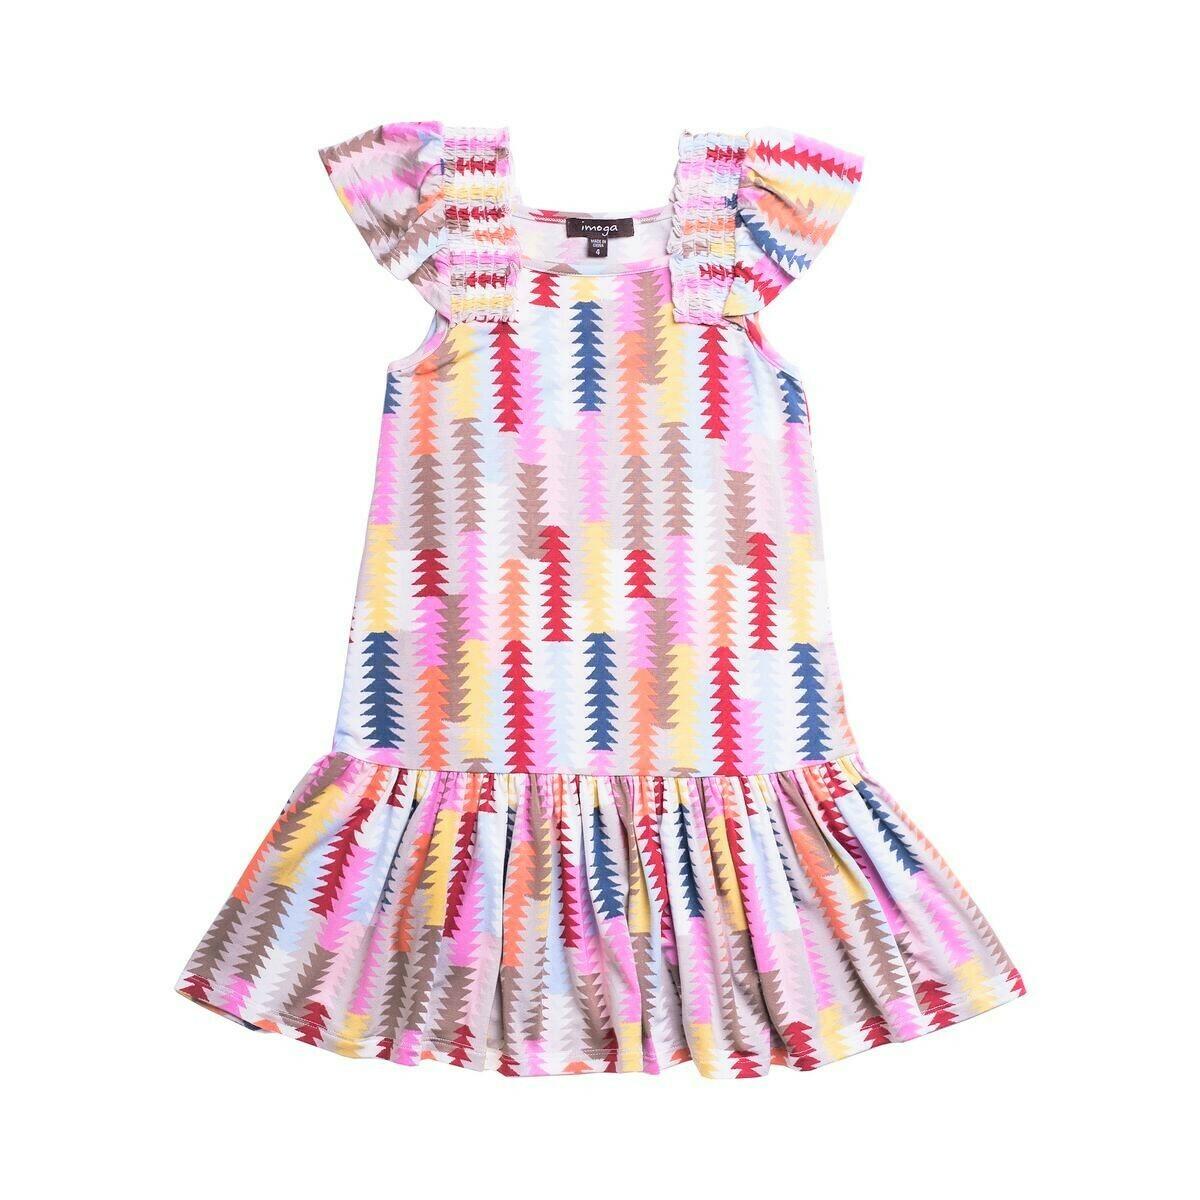 Imoga Santa Fe Sophie  Girls Dress